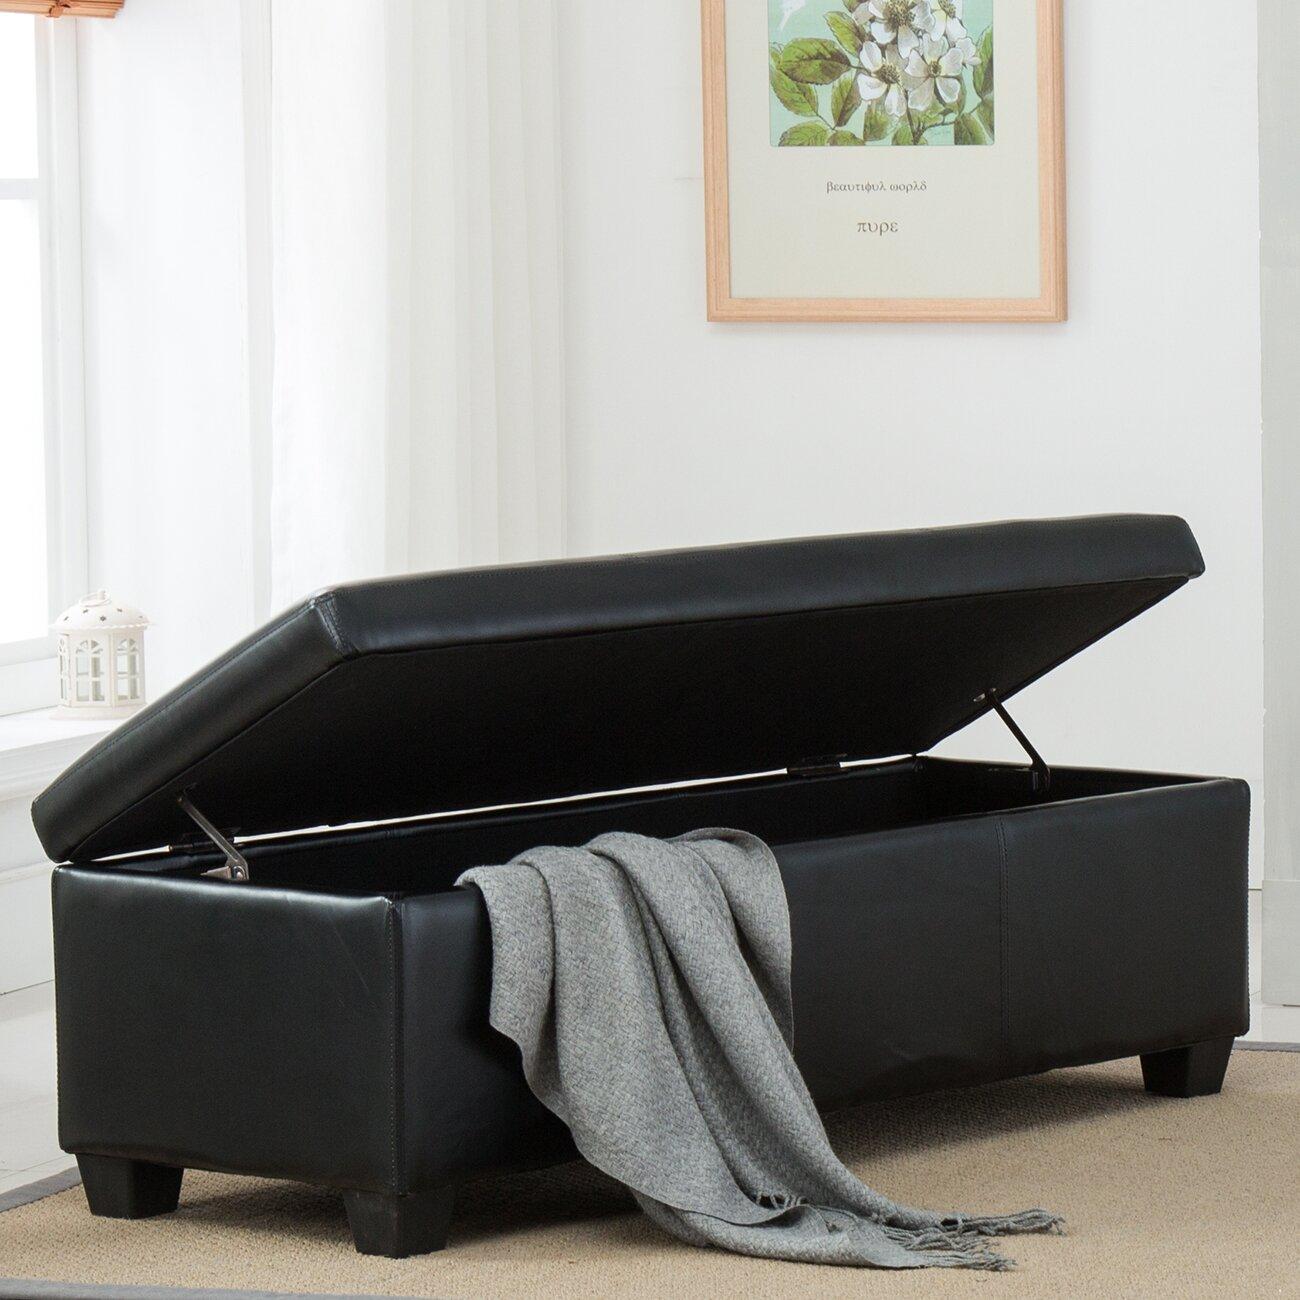 Belleze Upholstered Storage Bedroom Bench & Reviews